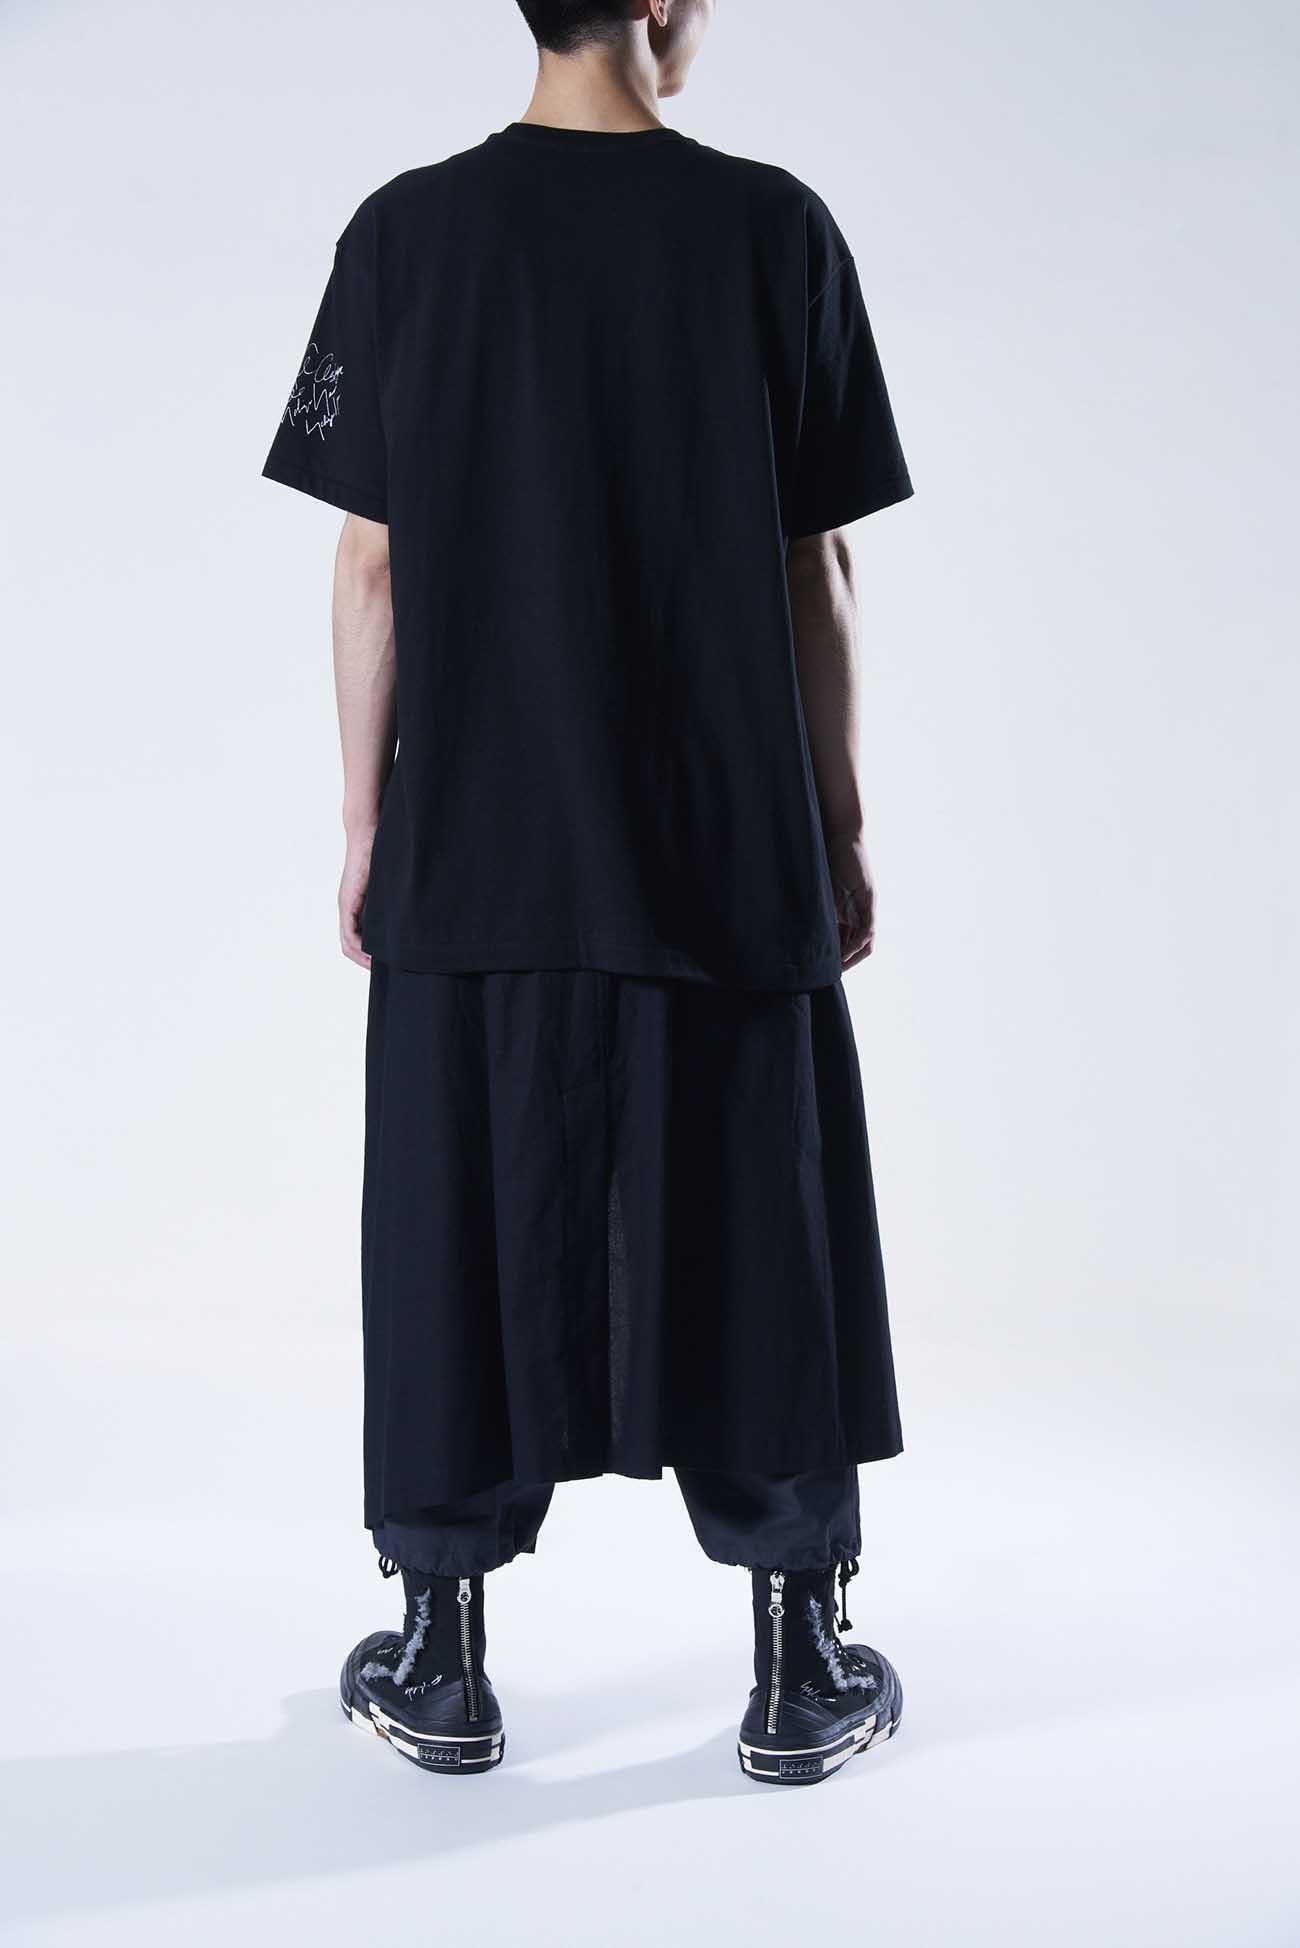 YUUKA ASAKURA Shiba Inu T-shirt